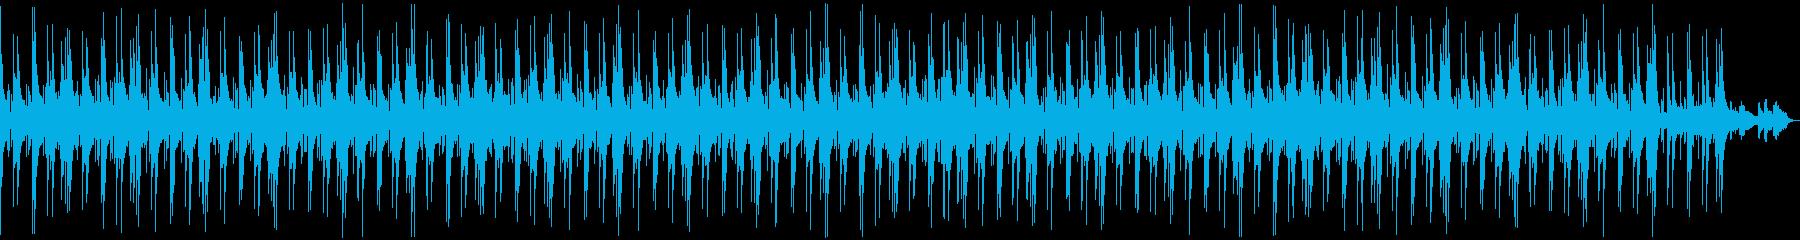 落ち着いた夜に聴くリラックス・チルR&Bの再生済みの波形